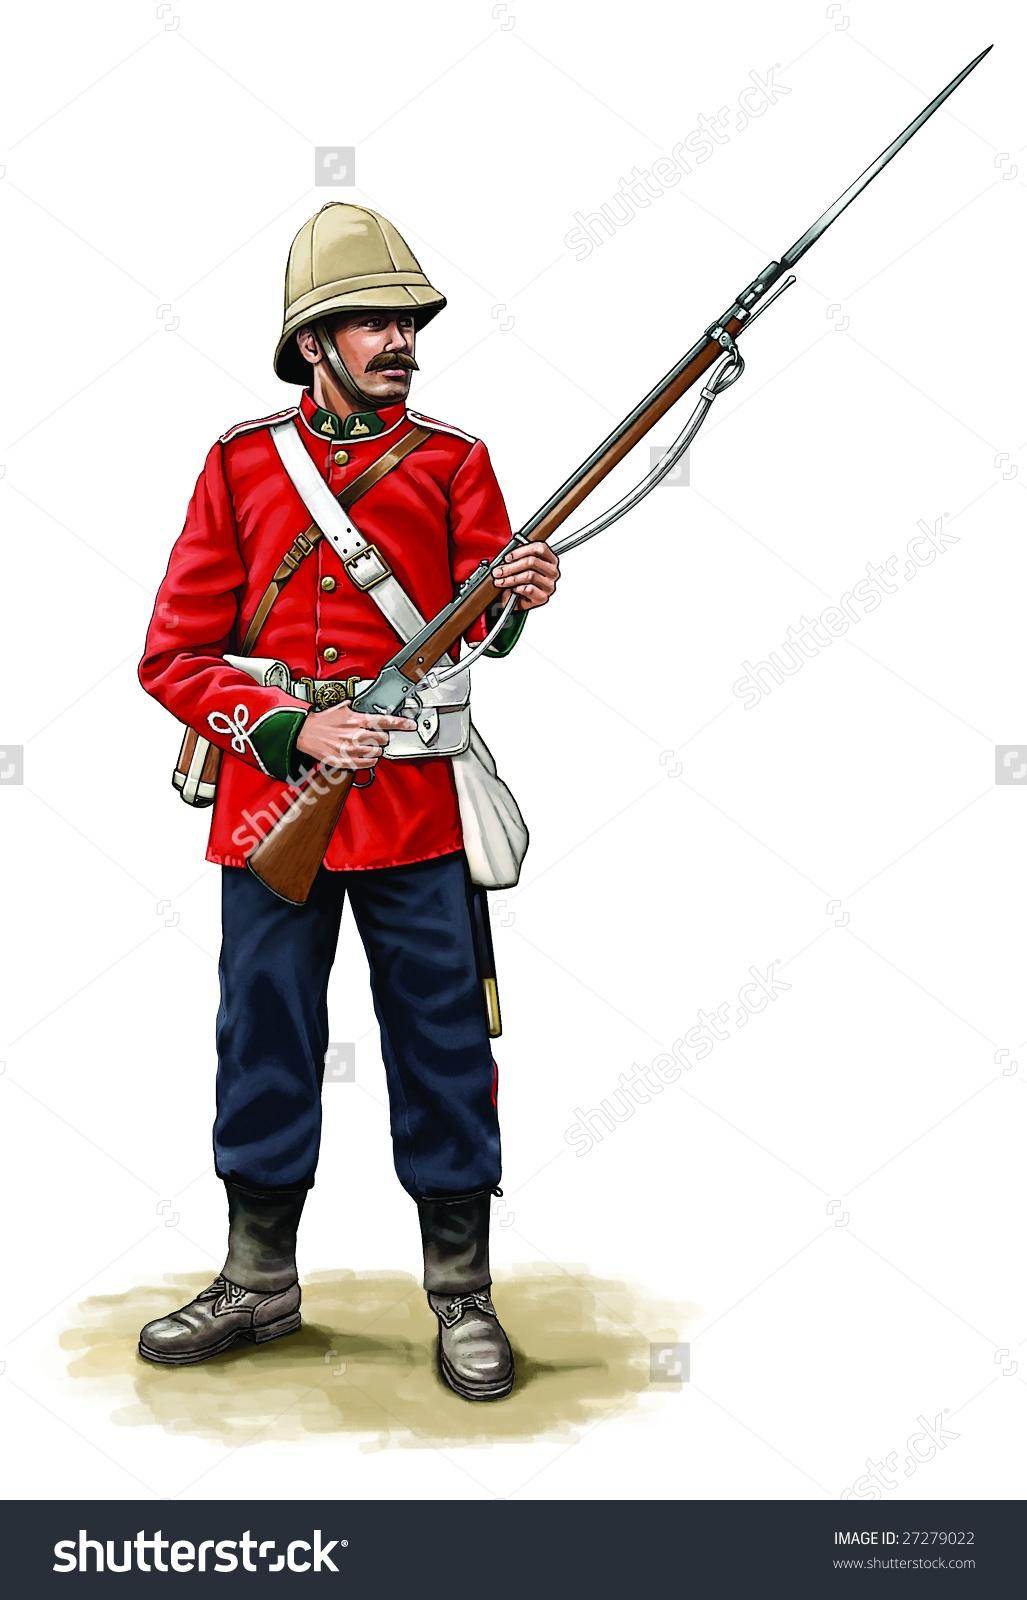 Soldier clipart british soldier Military british (72+) clipart British